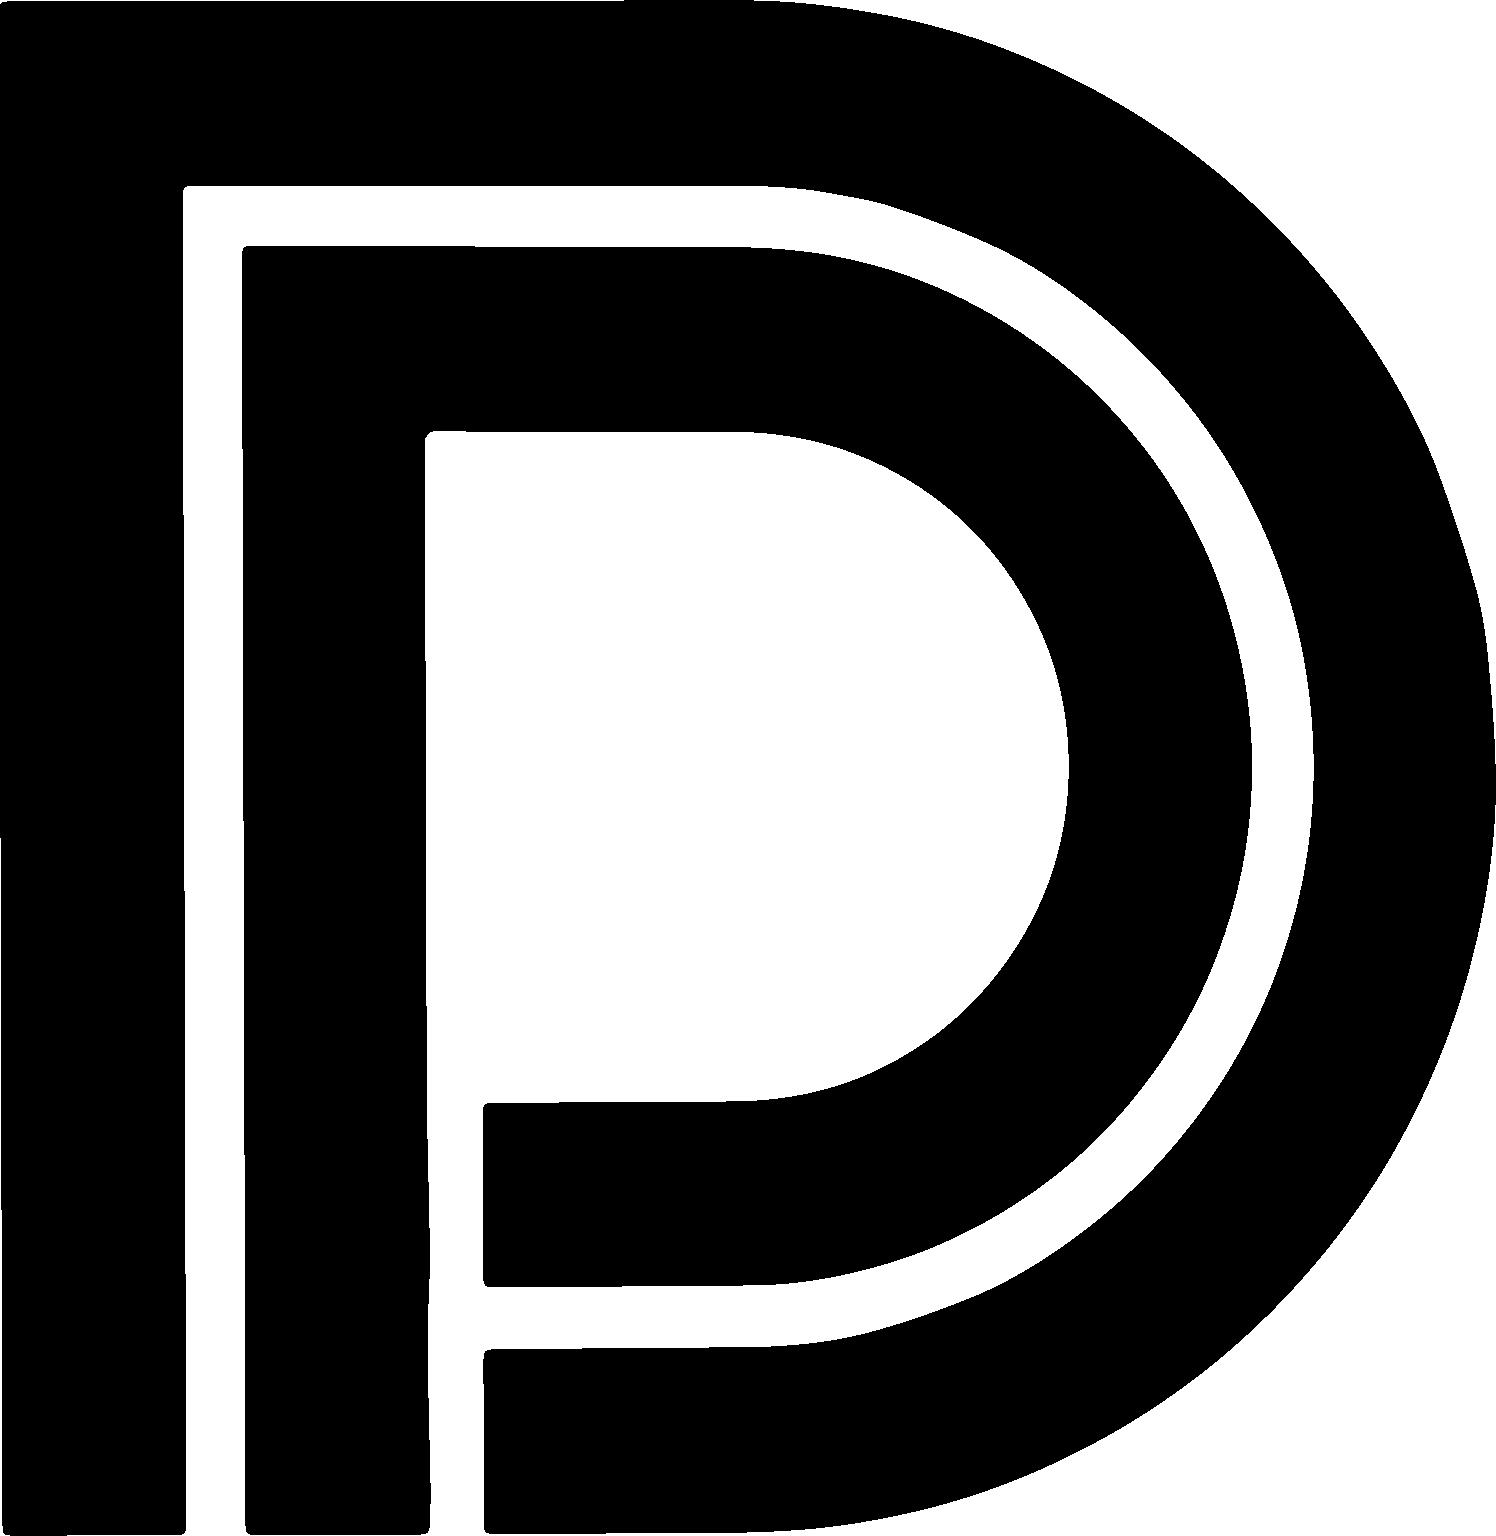 dp-logo-light-01